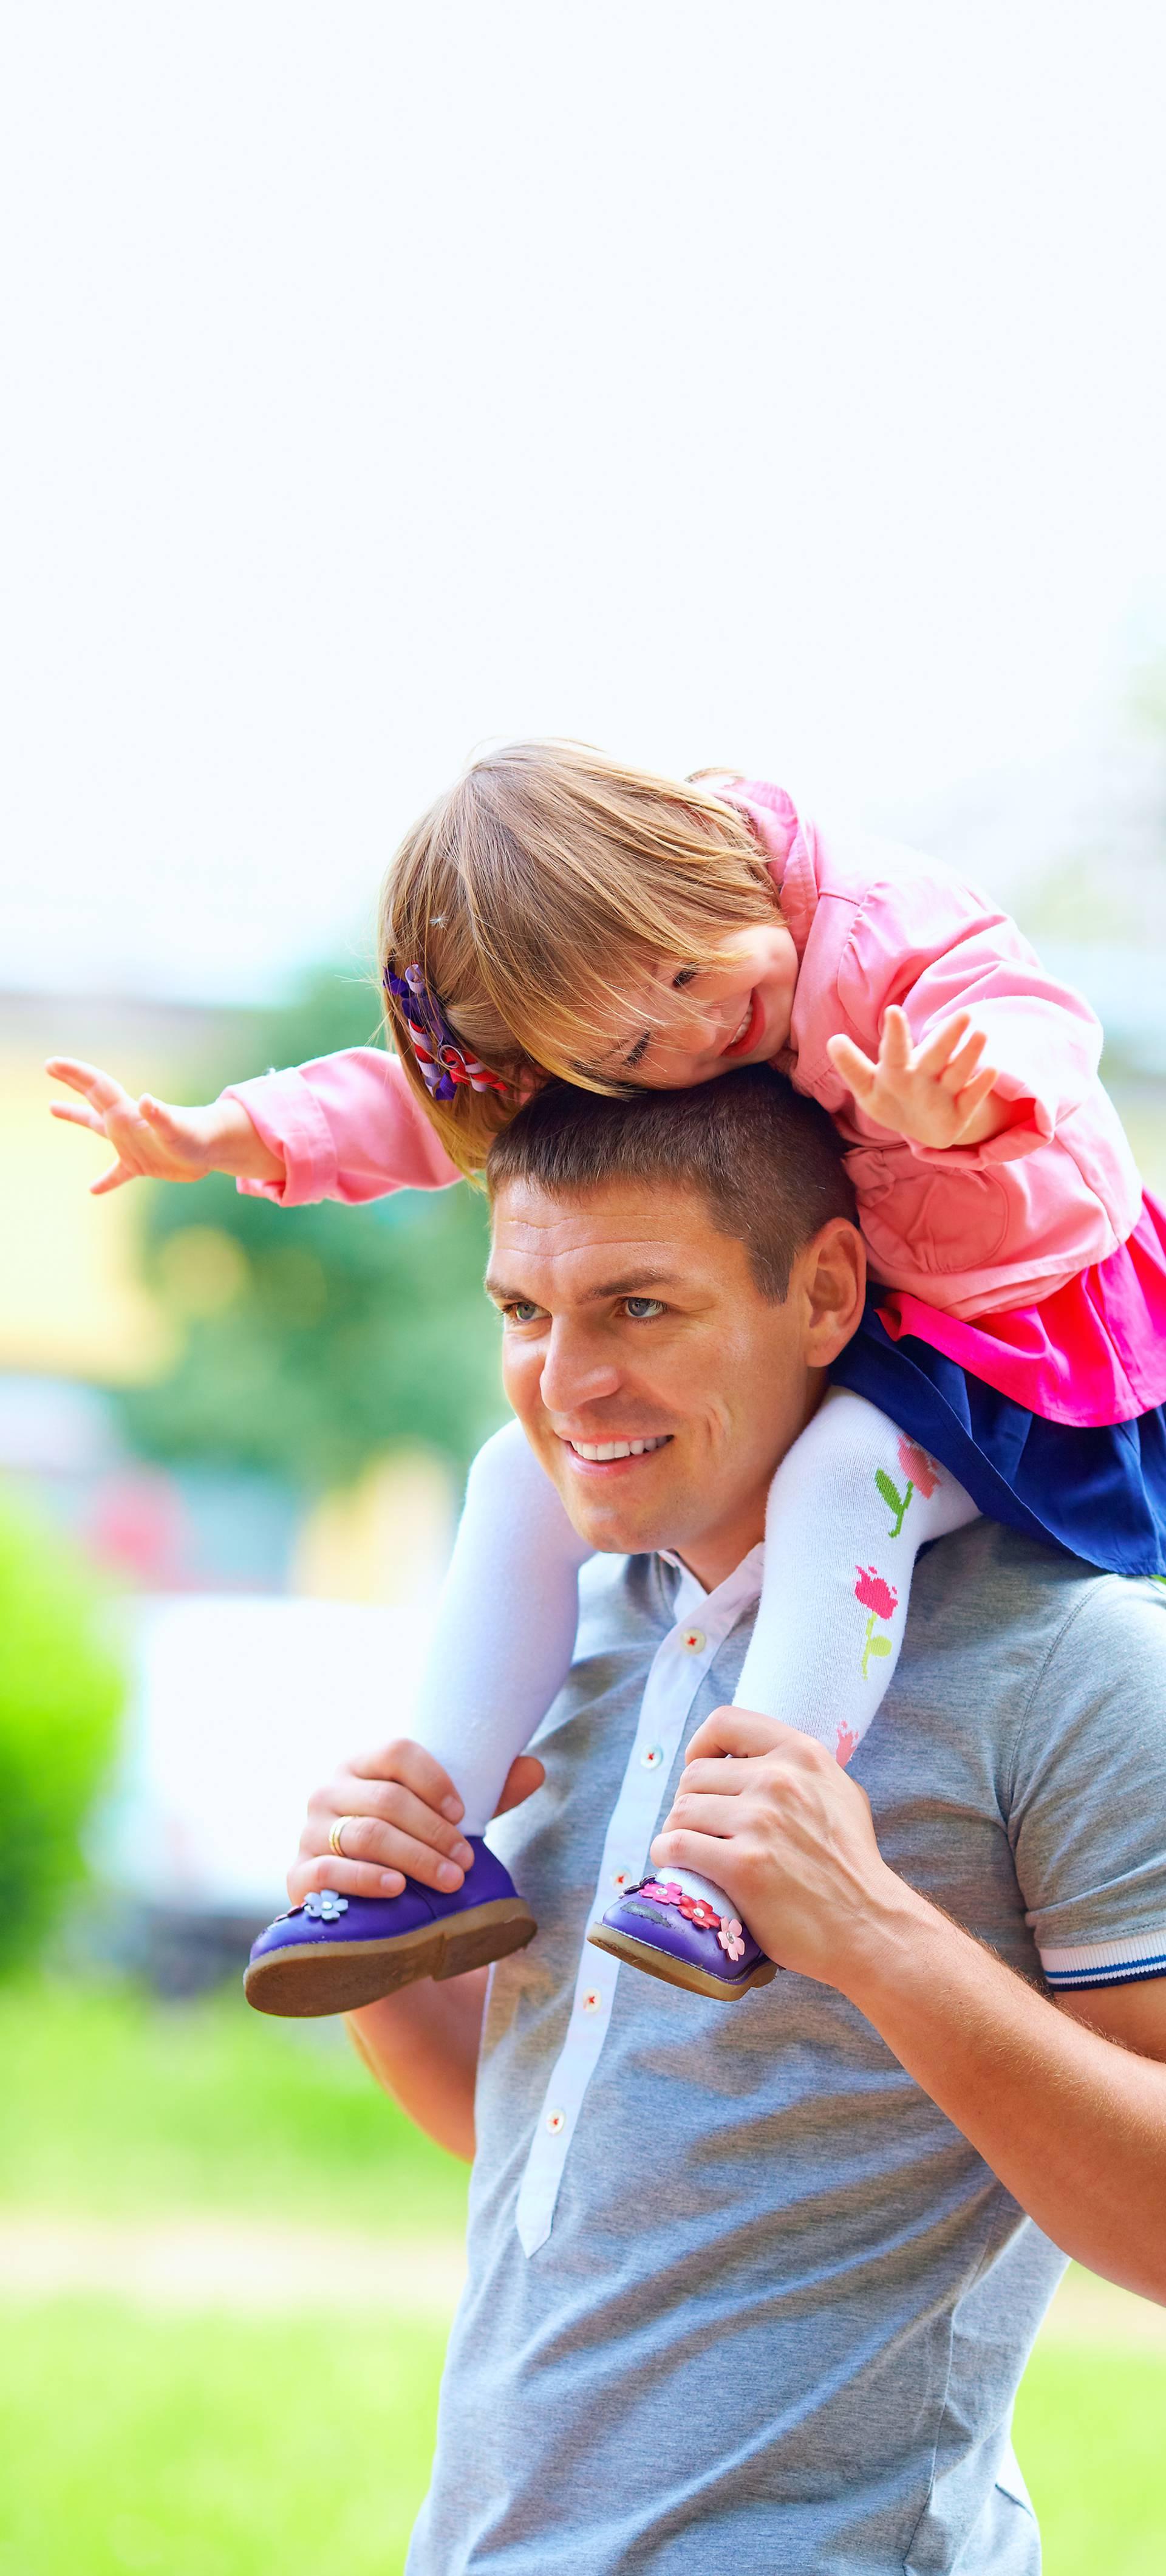 Tata postavlja temelje dječjoj samostalnosti i istraživanju